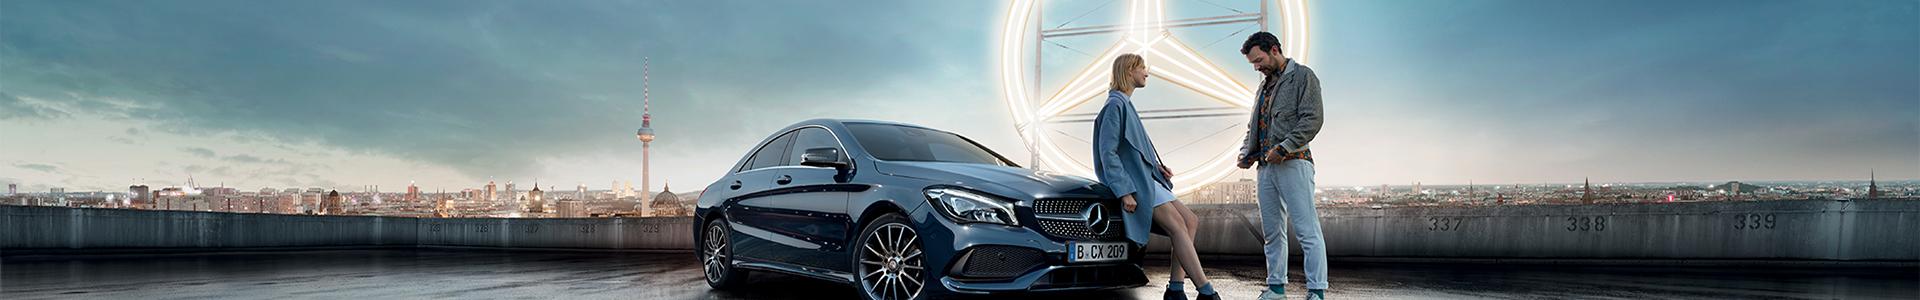 Junger Stern Mercedes Benz